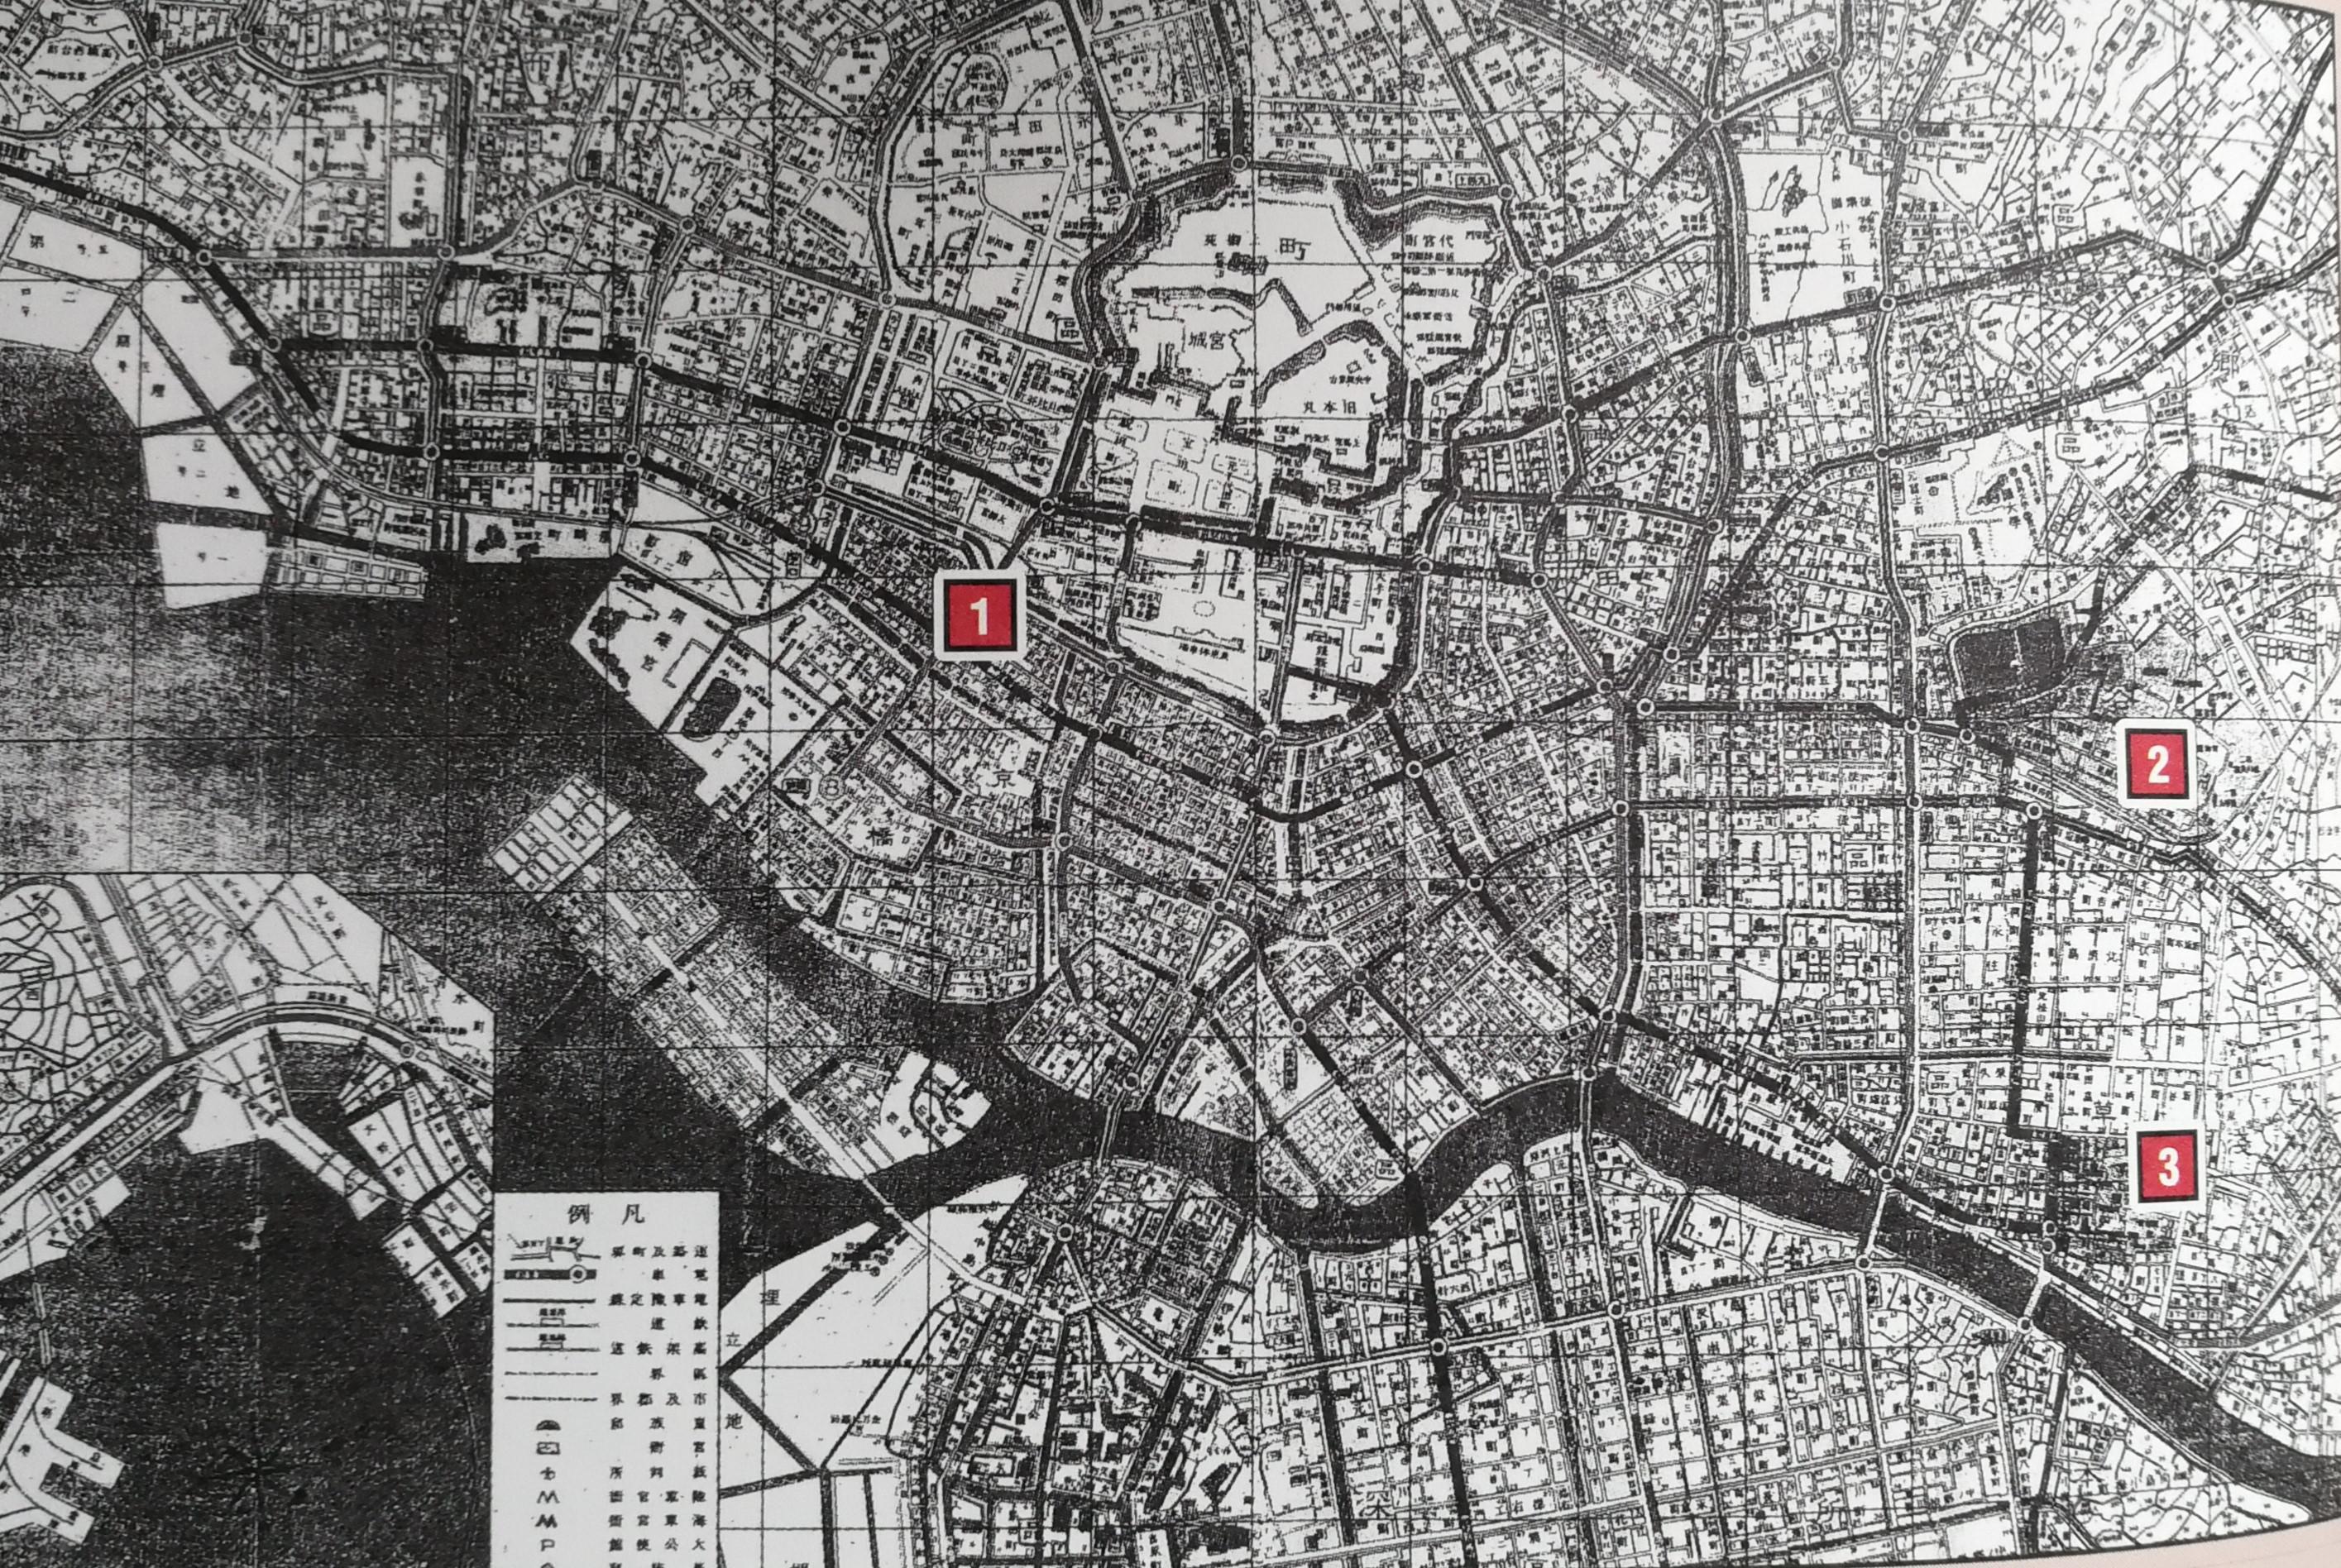 """04:大正时期的东京地图,左侧标注""""1""""的地方就是帝国华击团所在地银座四目丁"""